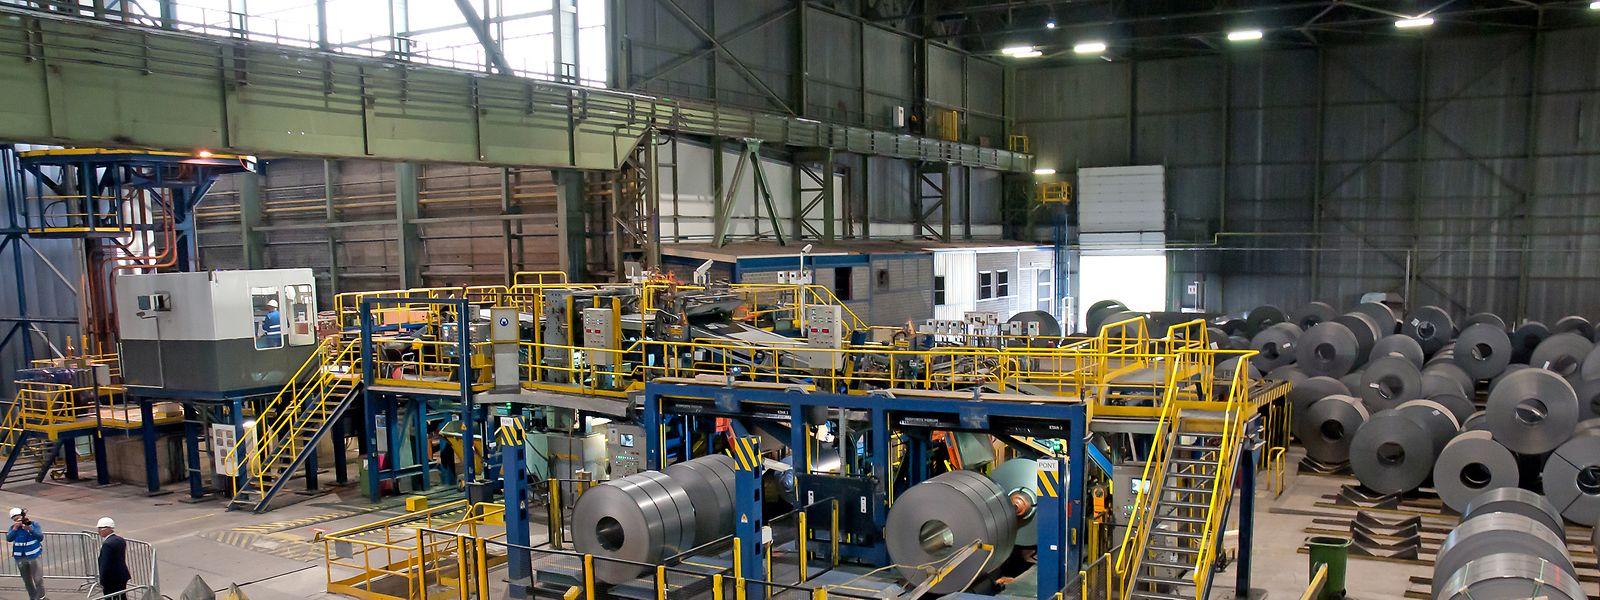 Für das Liberty Steel-Werk in Düdelingen könnte der Verkauf von Werken in Großbritannien Entlastung bringen.